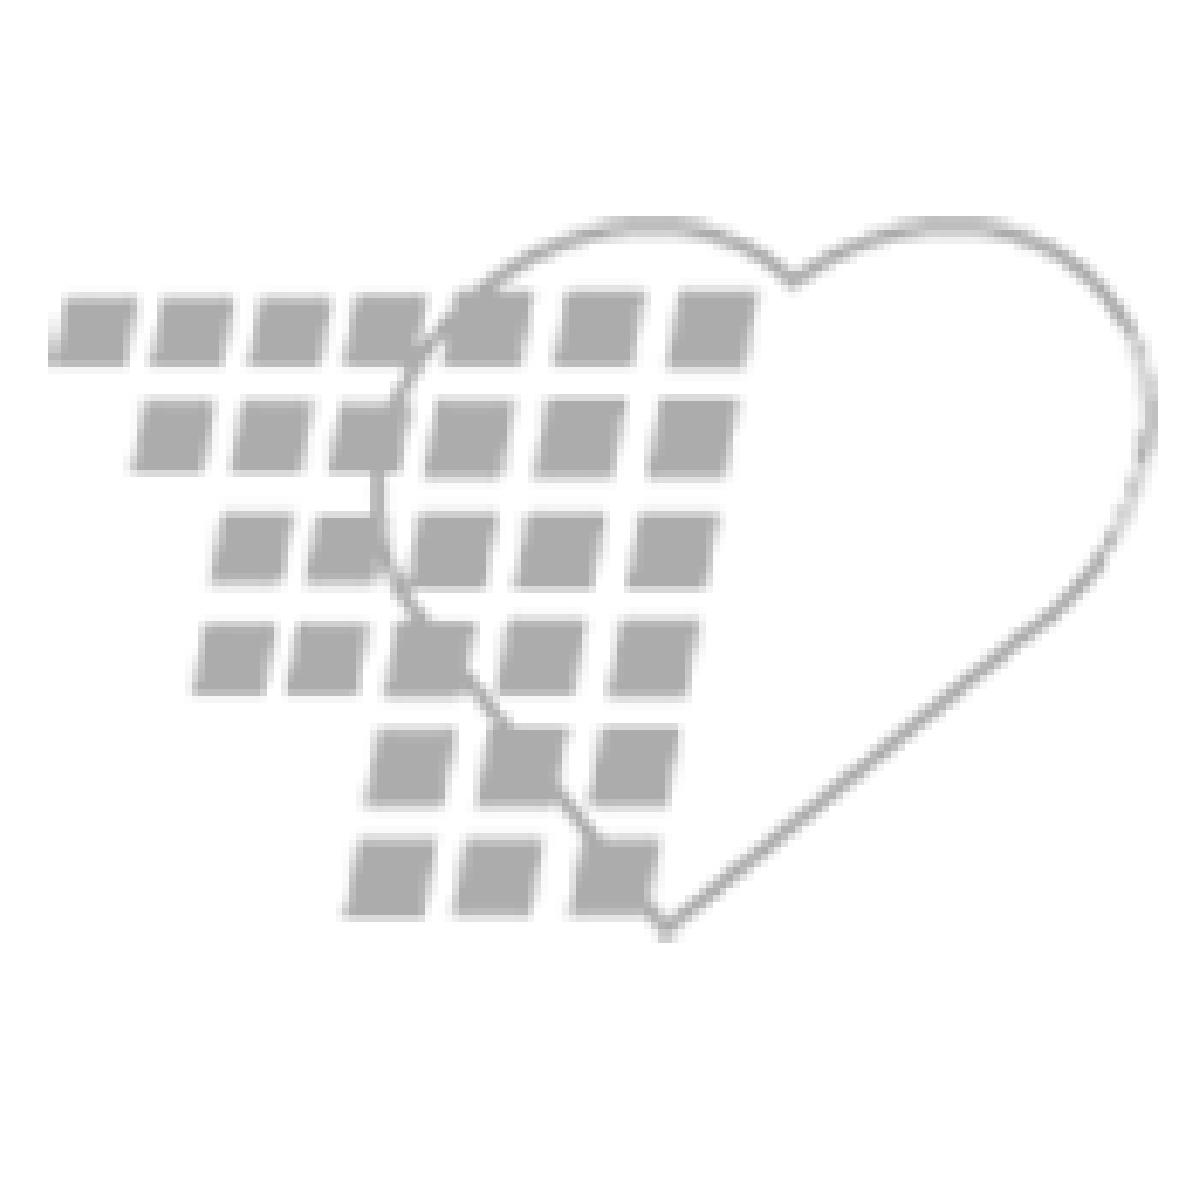 06-93-1060 Demo Dose® 0.45% NaCl IV Fluids